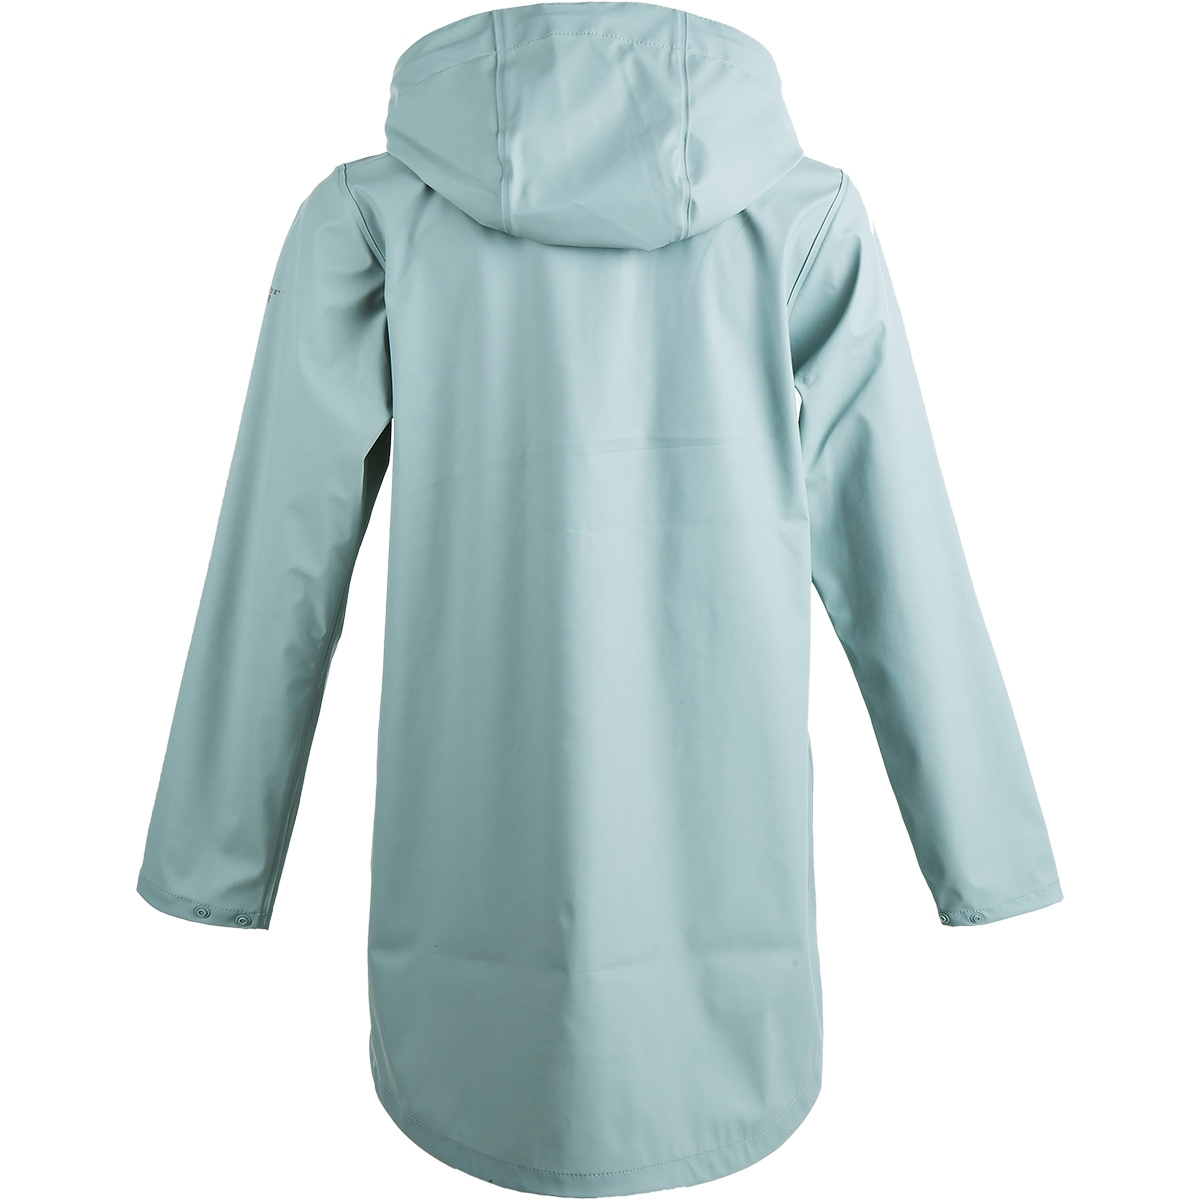 Bilde av Petra W Rain jacket 1048 Gray Mist